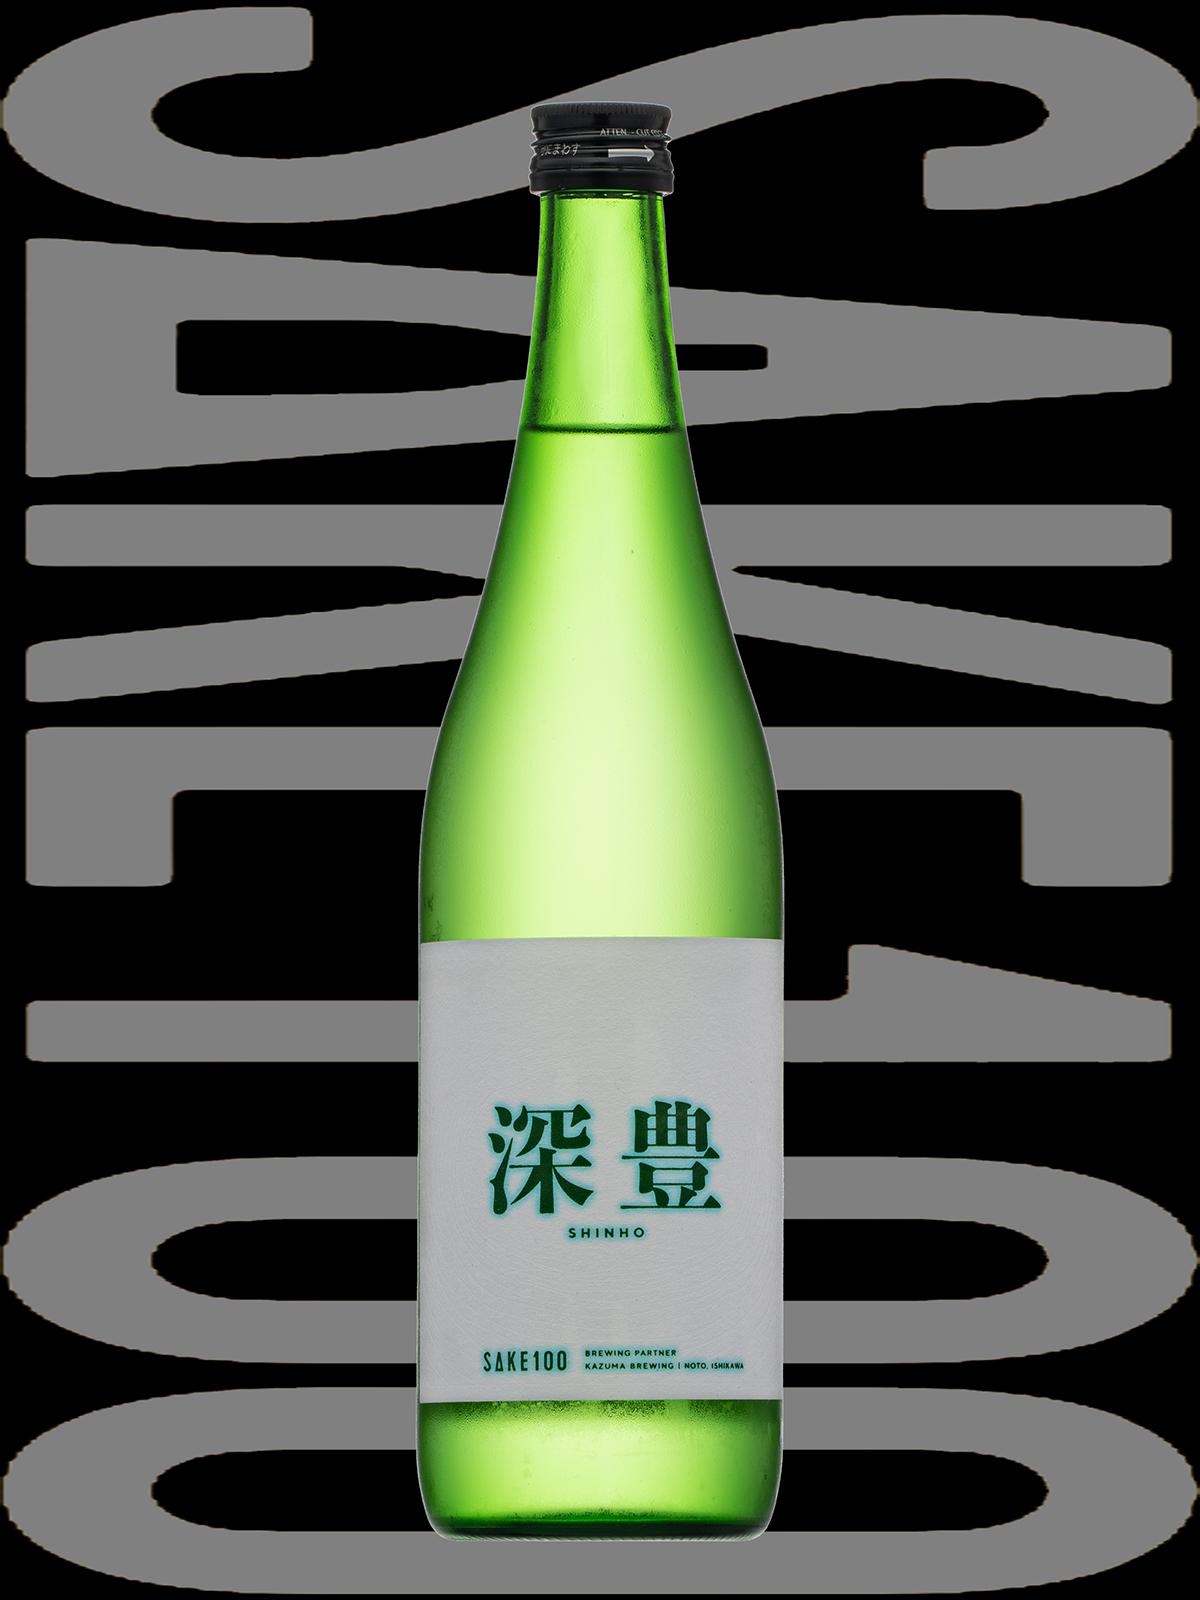 深豊(しんほう)「純米」SAKE100五百万石無濾過生原酒